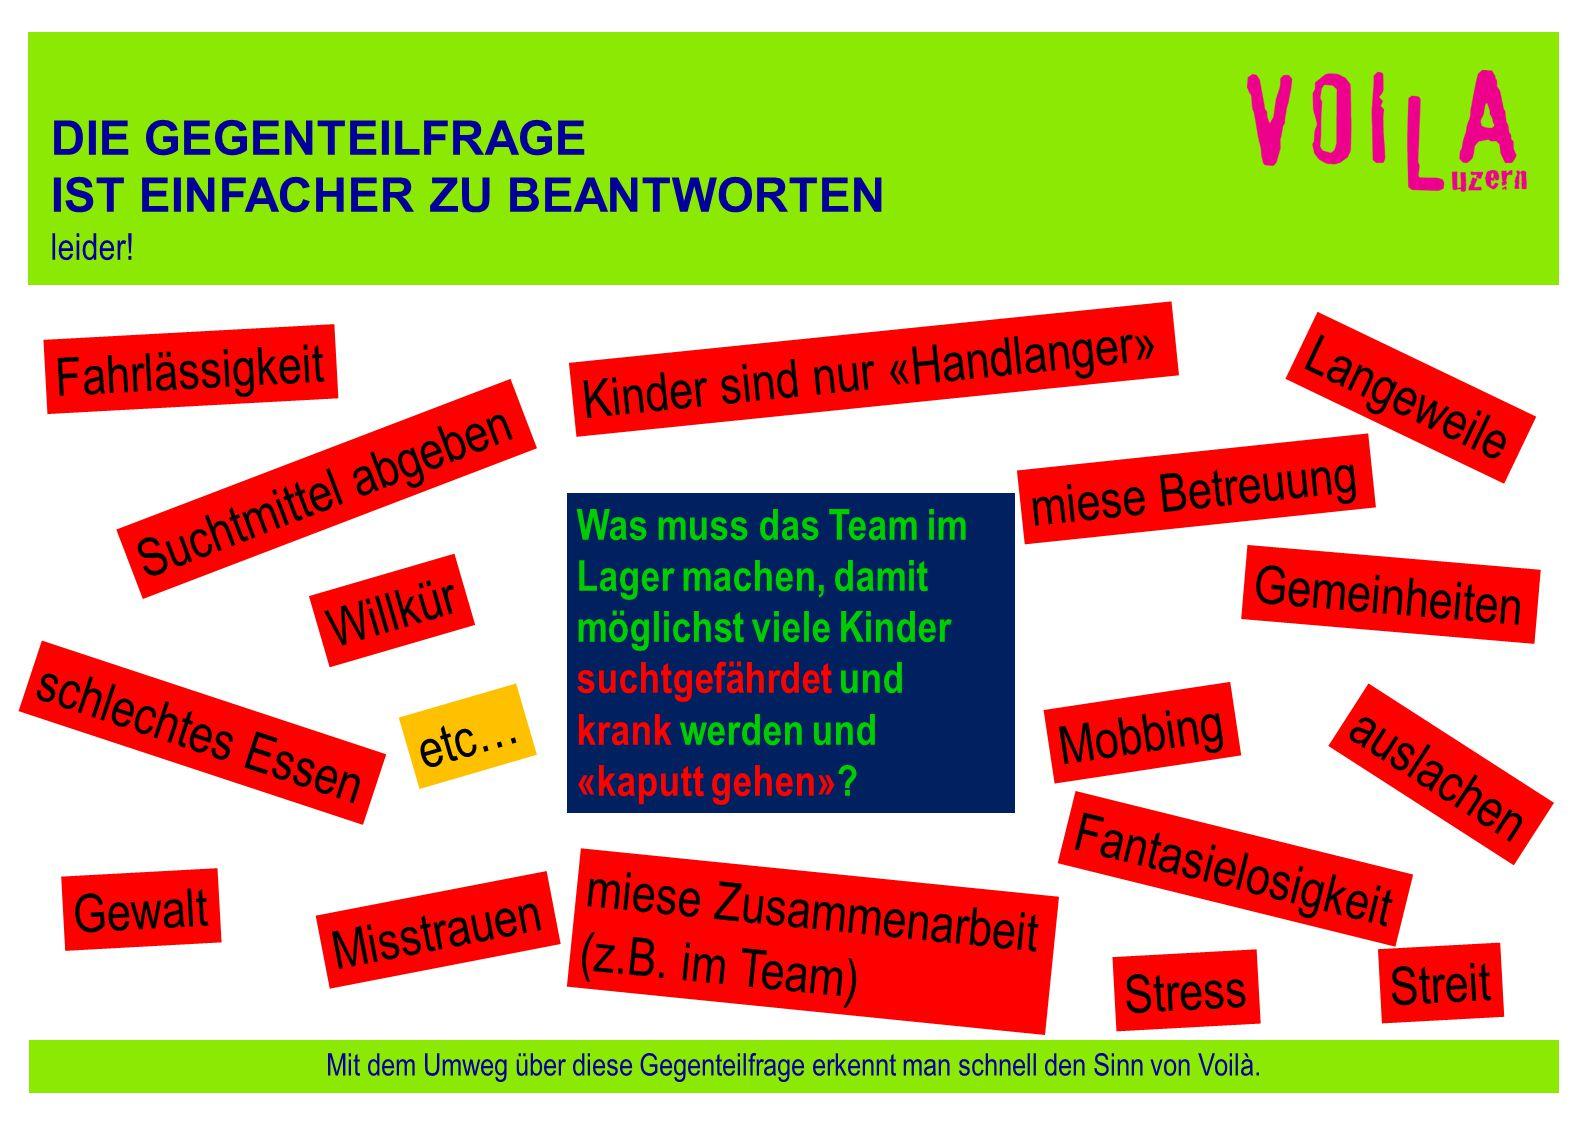 Mentor Foundation 2001 Für Schutz der Kinder vor Drogenmissbrauch Preisverleihung durch Königin Silvia von Schweden Aeberhardt-Preis 2004 Für Förderung der Gesundheit in der Schweiz Verleihung 1.